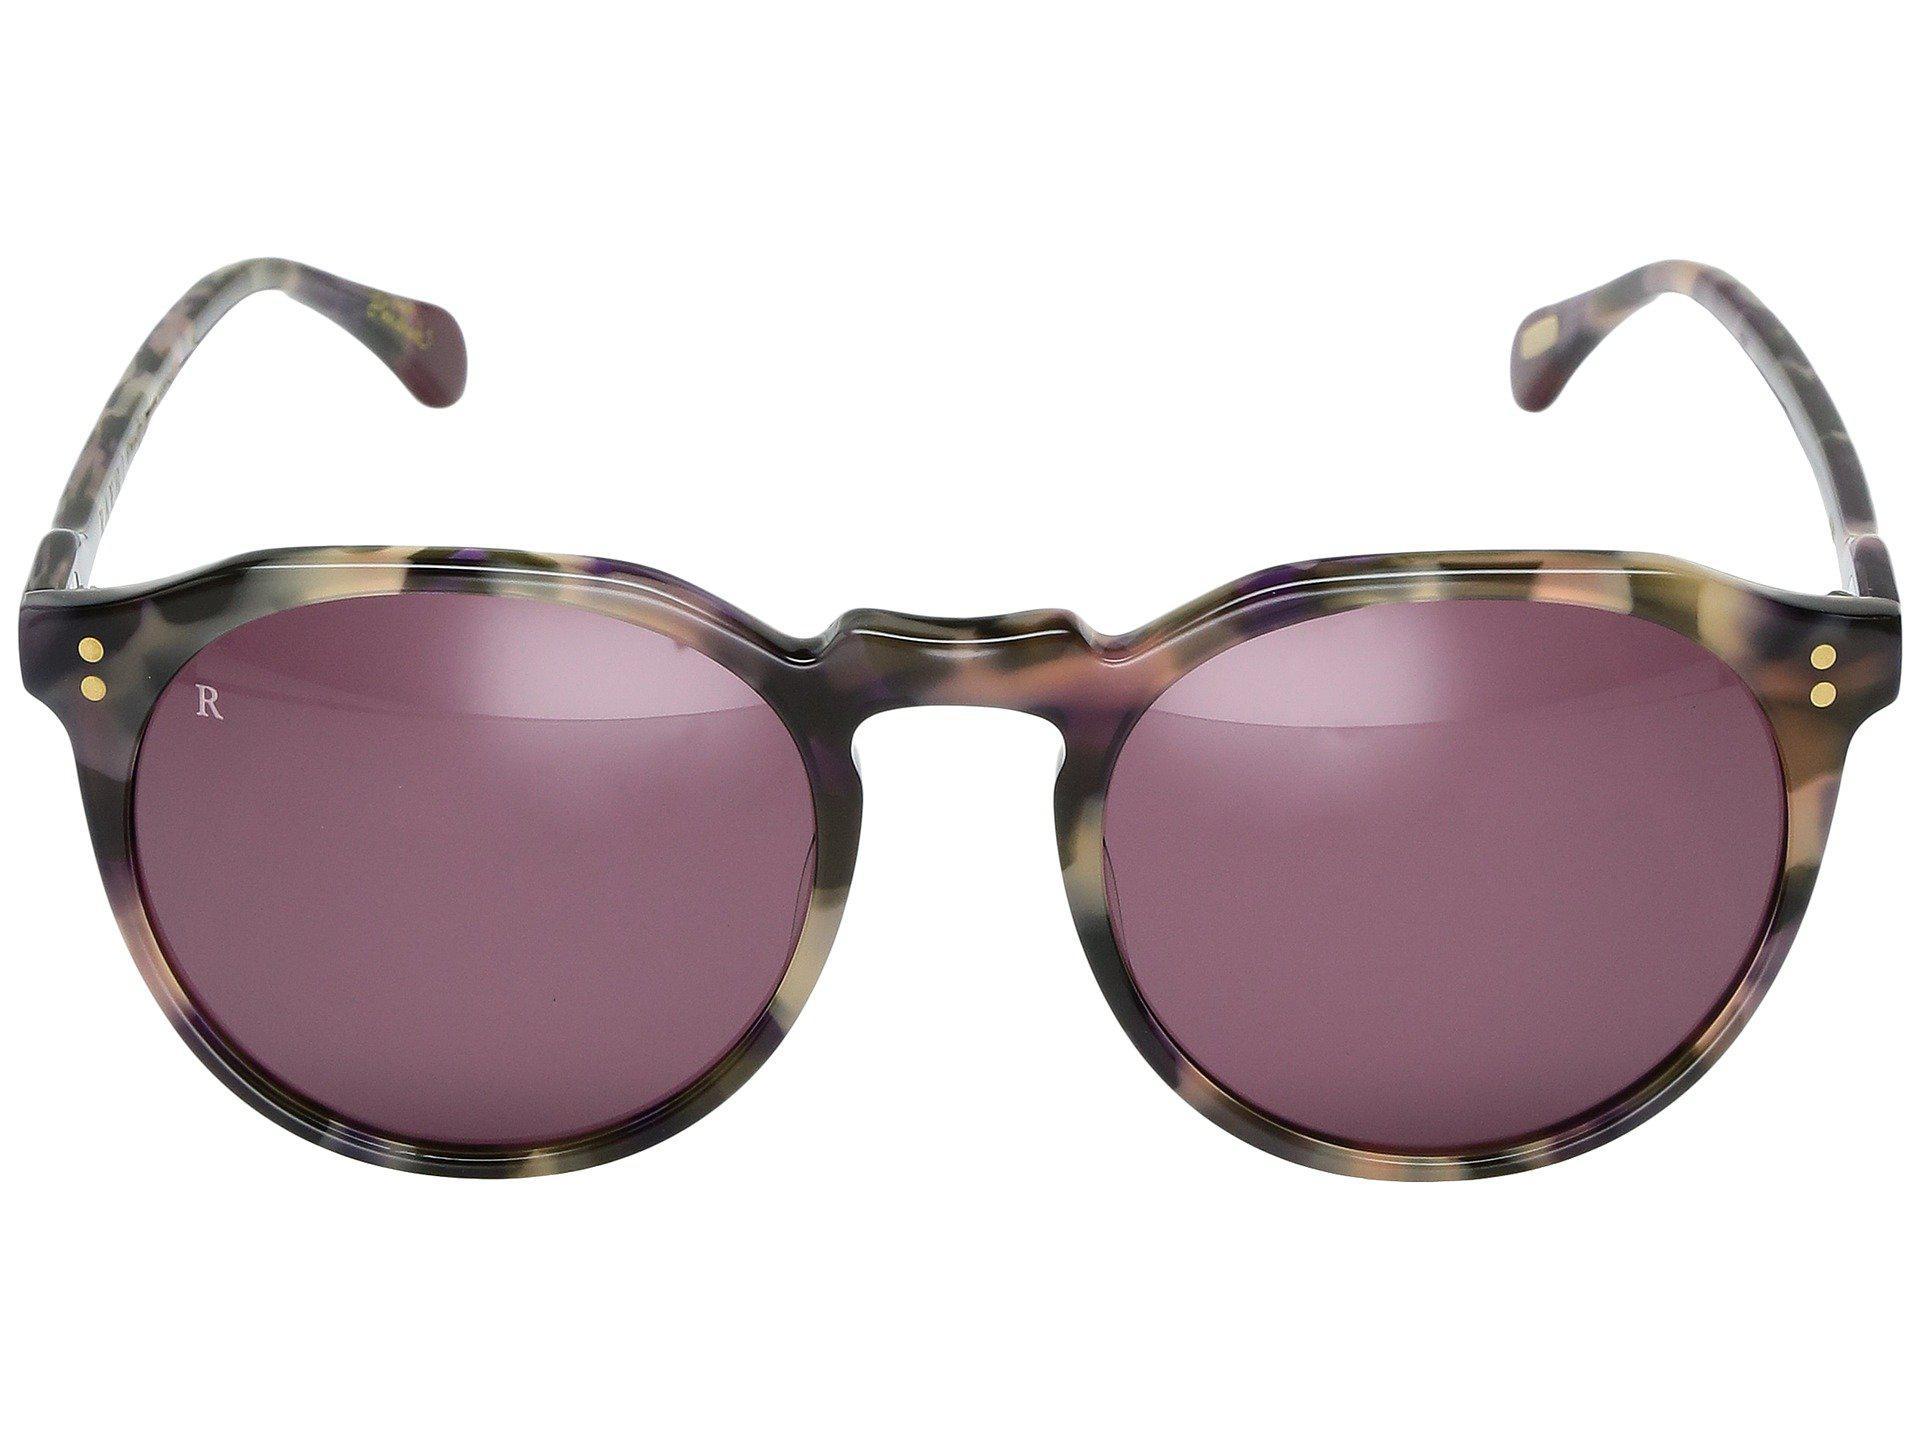 c029a3b69334 Lyst - Raen Remmy (wren) Fashion Sunglasses